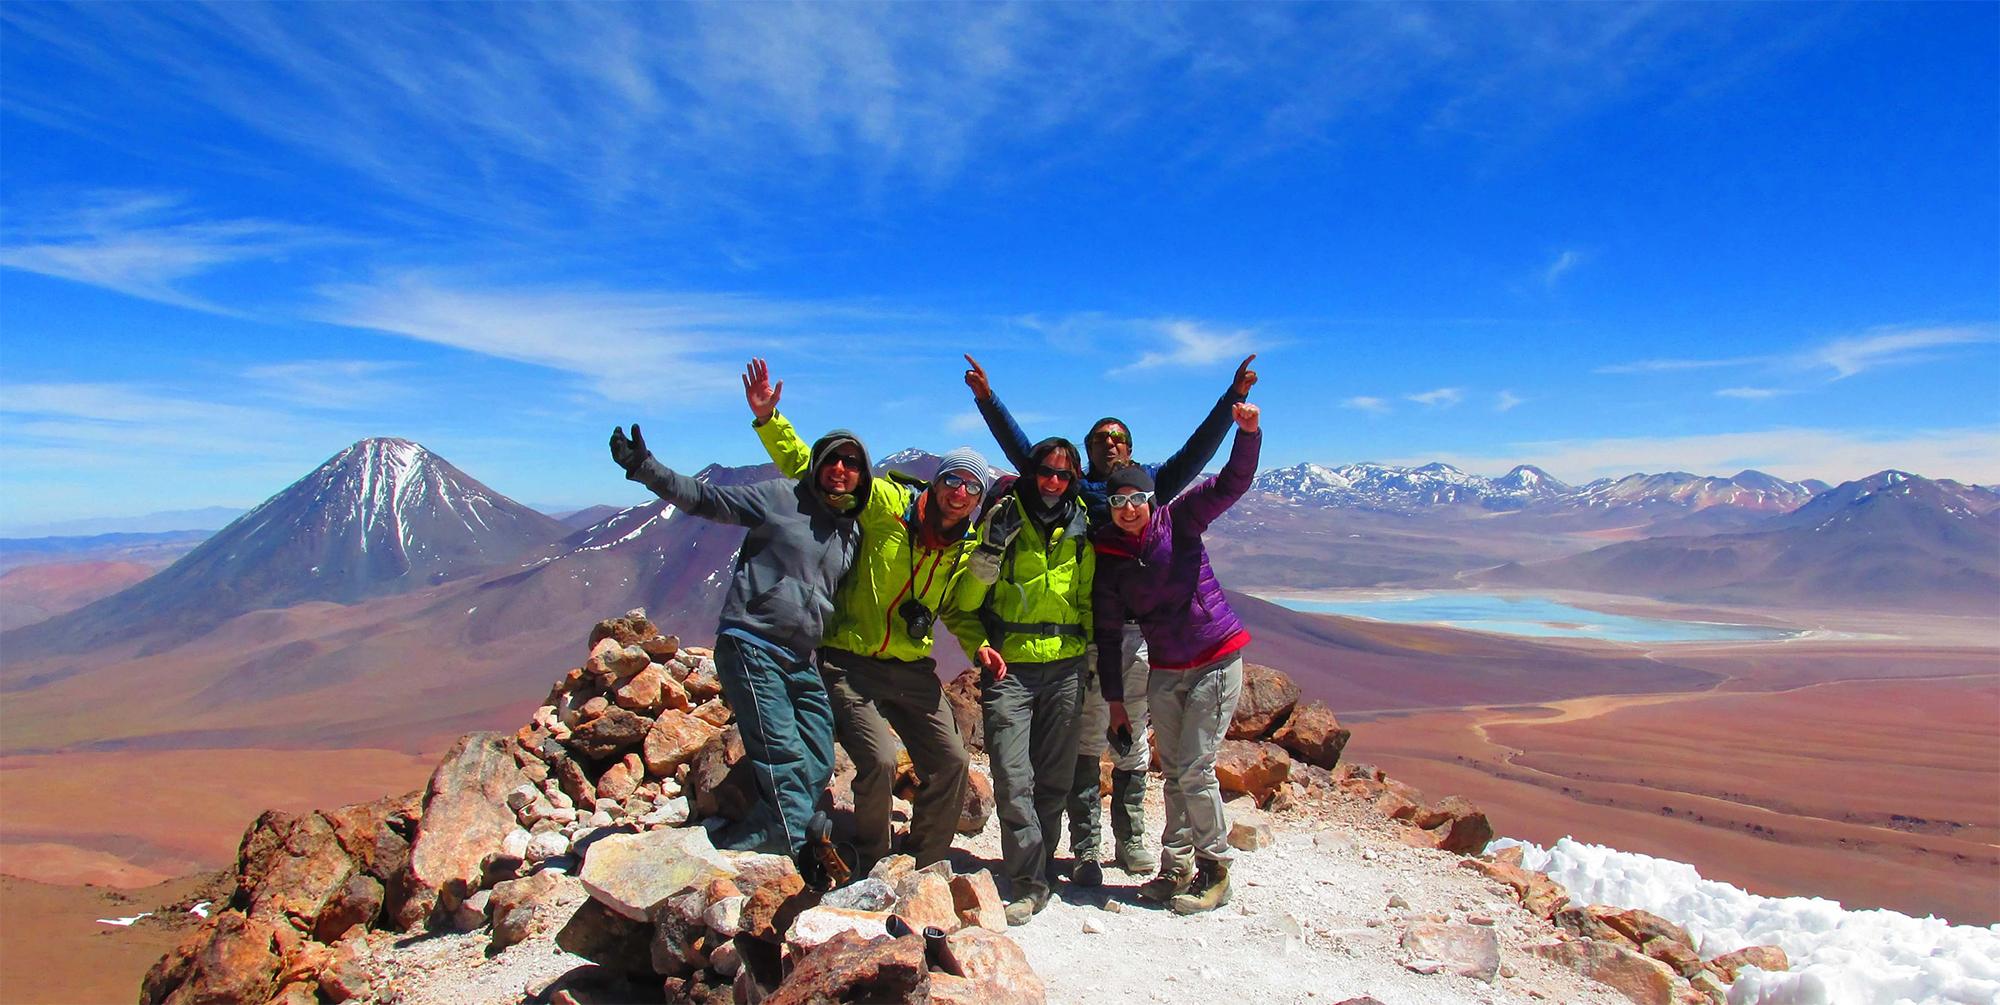 Viajeros en cima de volcan y otros volcanes al fondo del paisaje